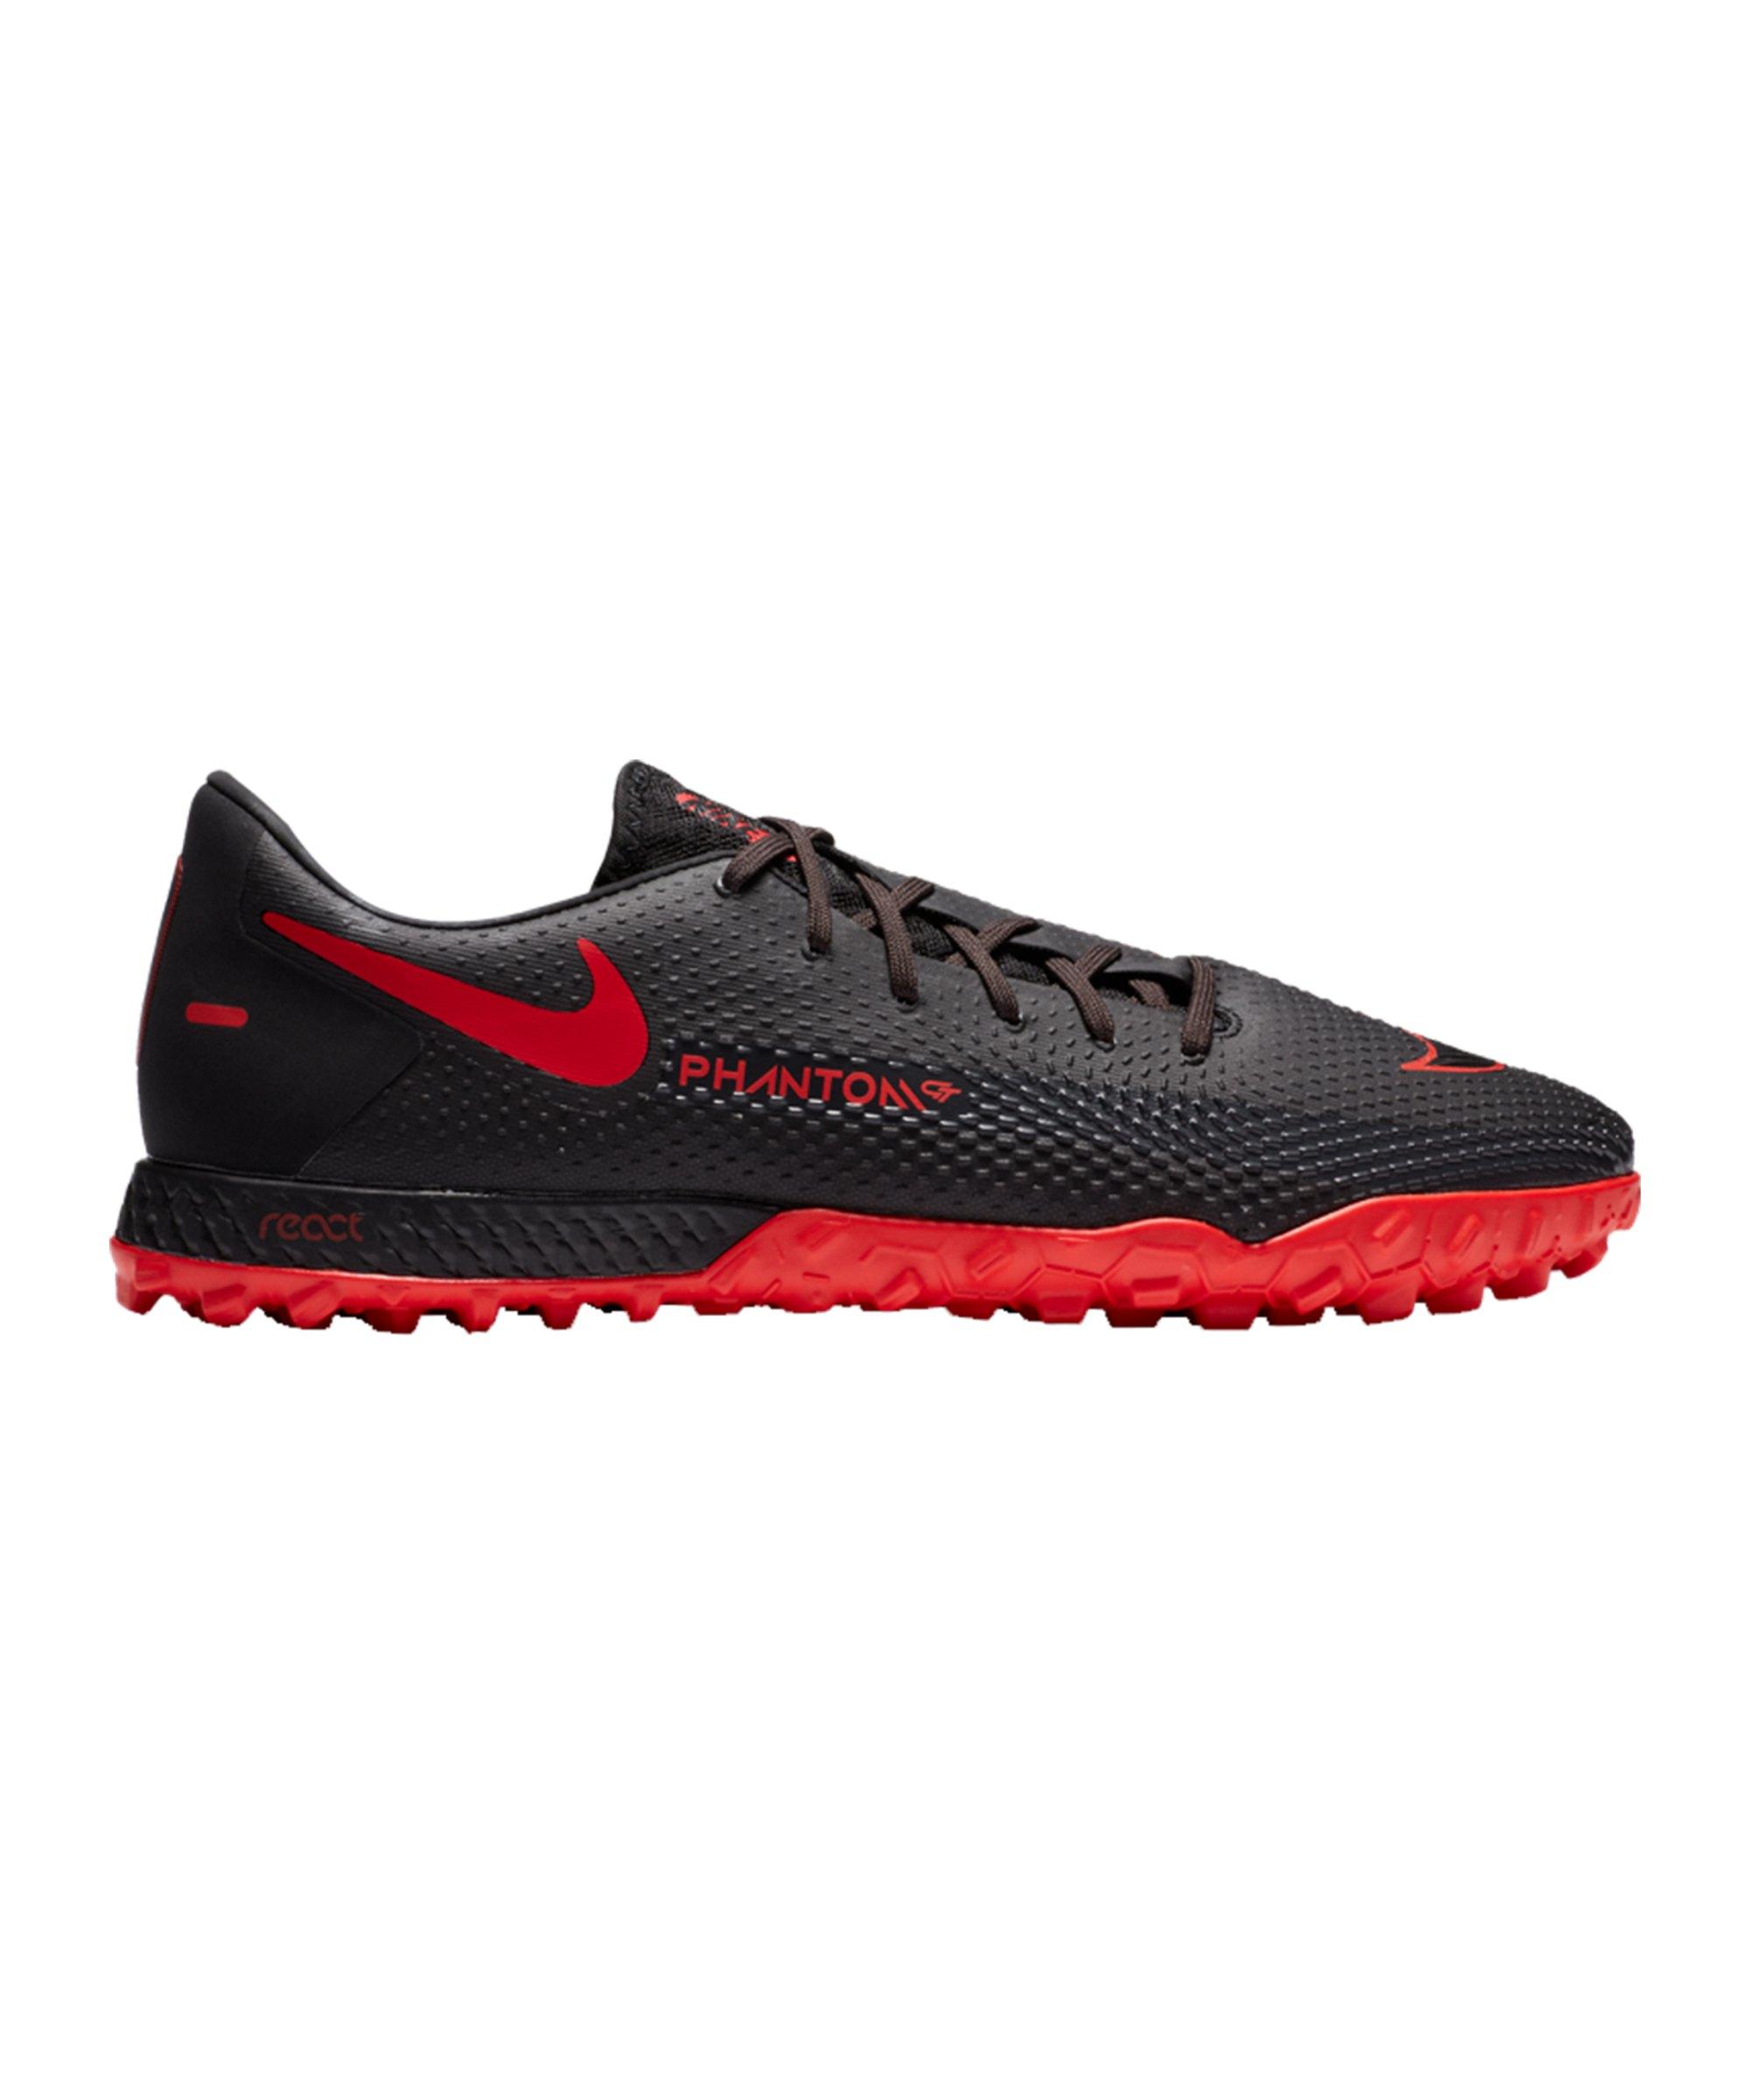 Nike React Phantom GT Black X Chile Red Pro TF Schwarz F060 - schwarz